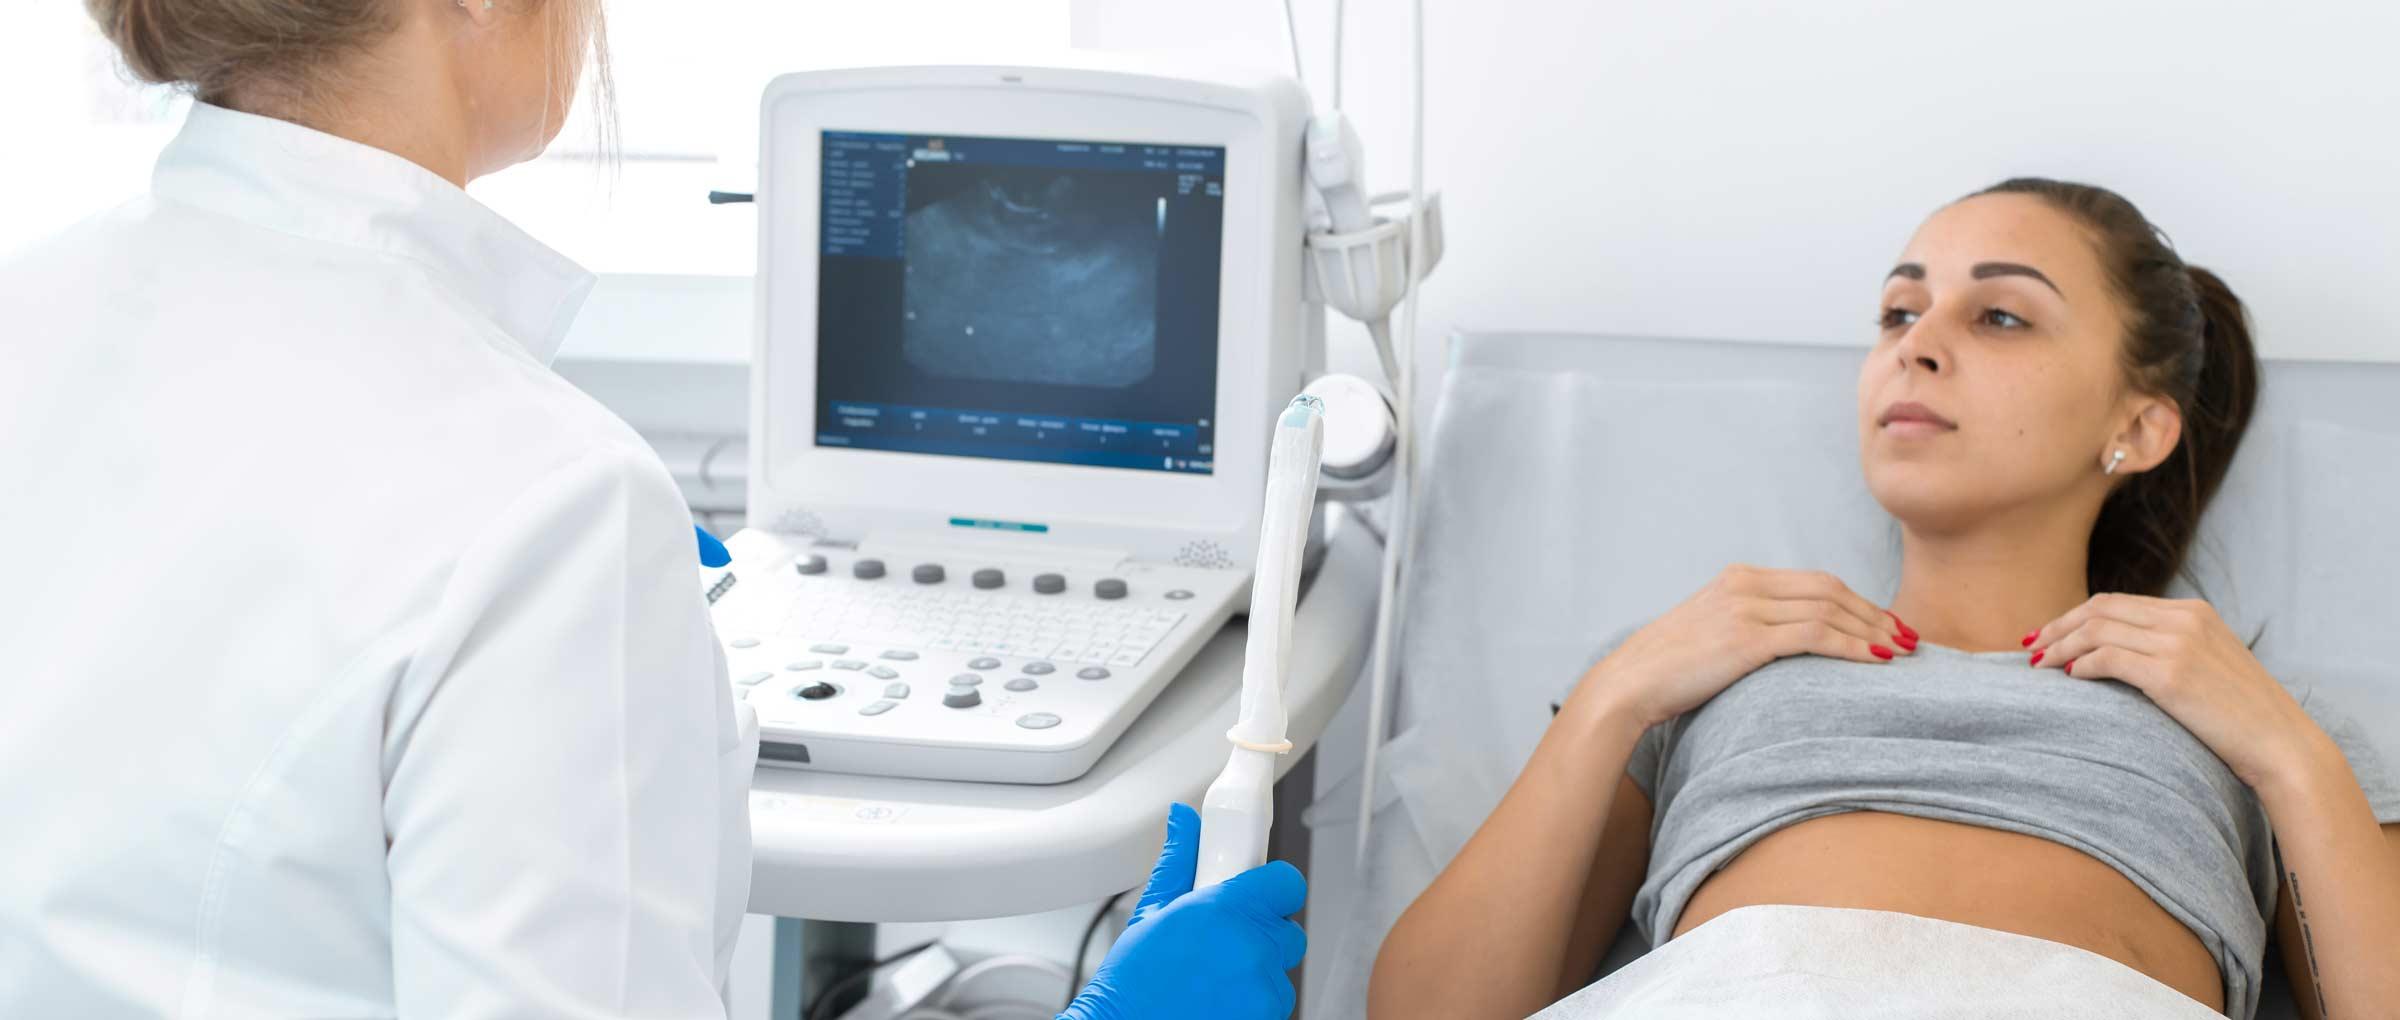 Diagnóstico de la mola hidatiforme: ecografía vaginal